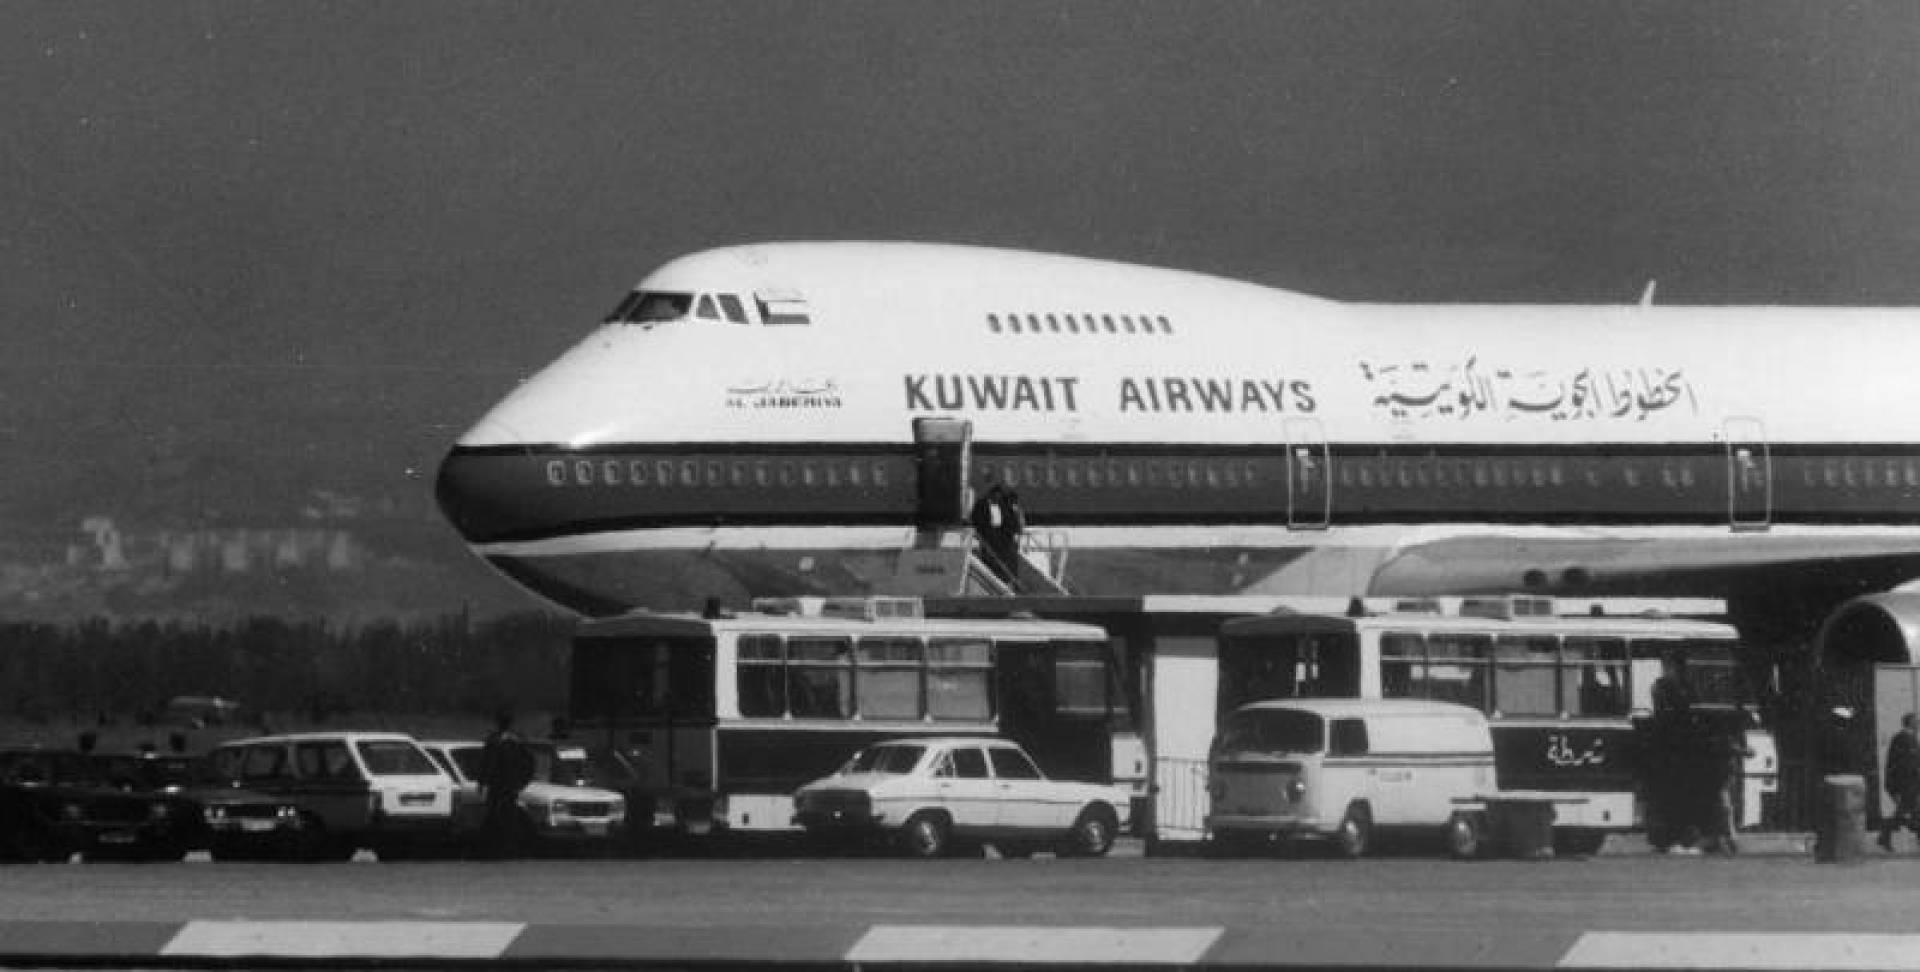 طائرة الجابرية المختطفة